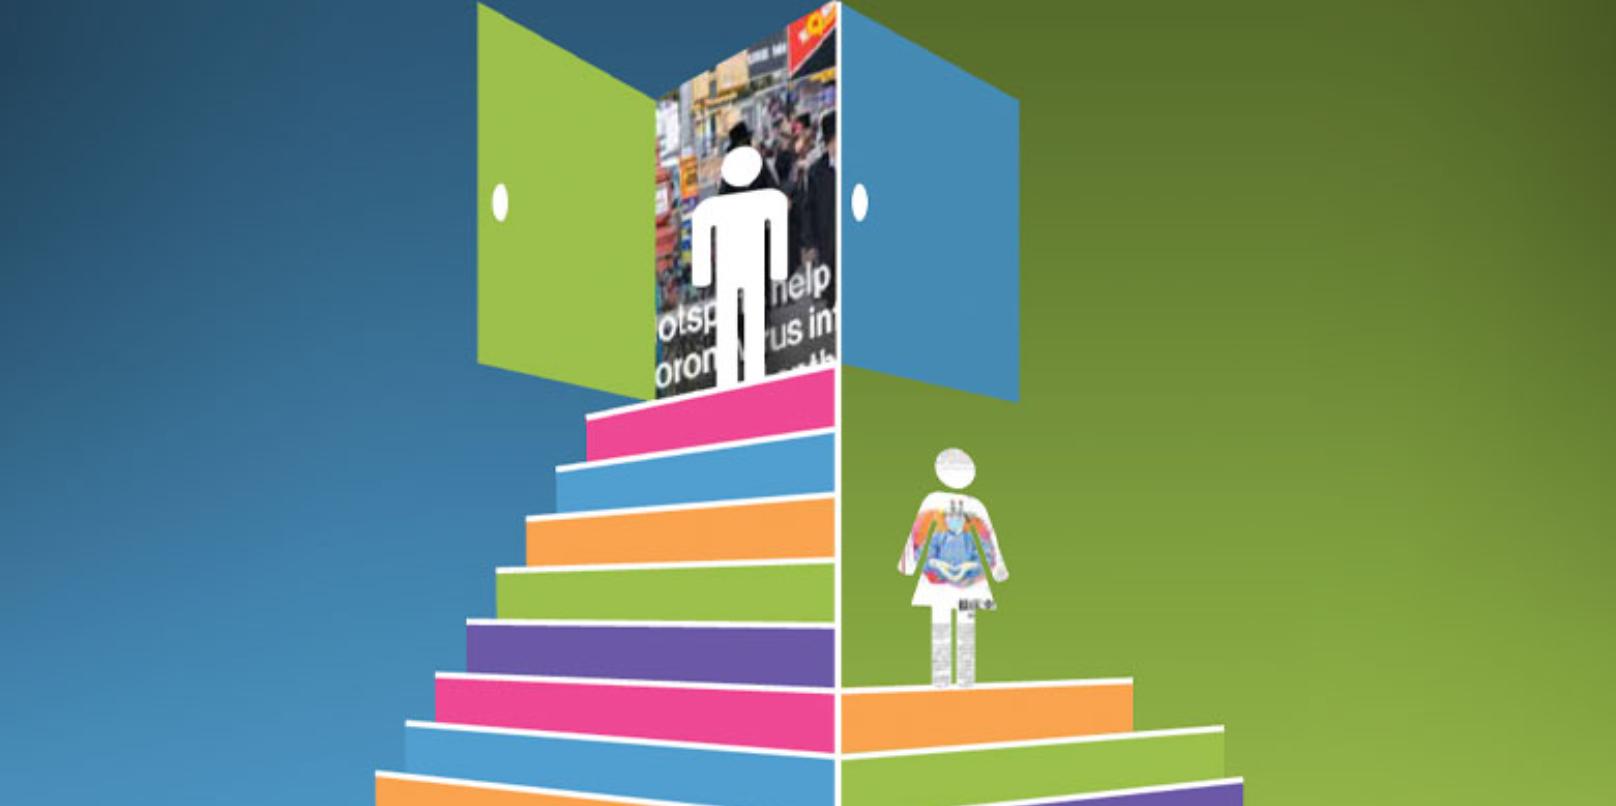 Kuvituskuva, jossa pyramidin huipulla mies, nainen puolivälissä